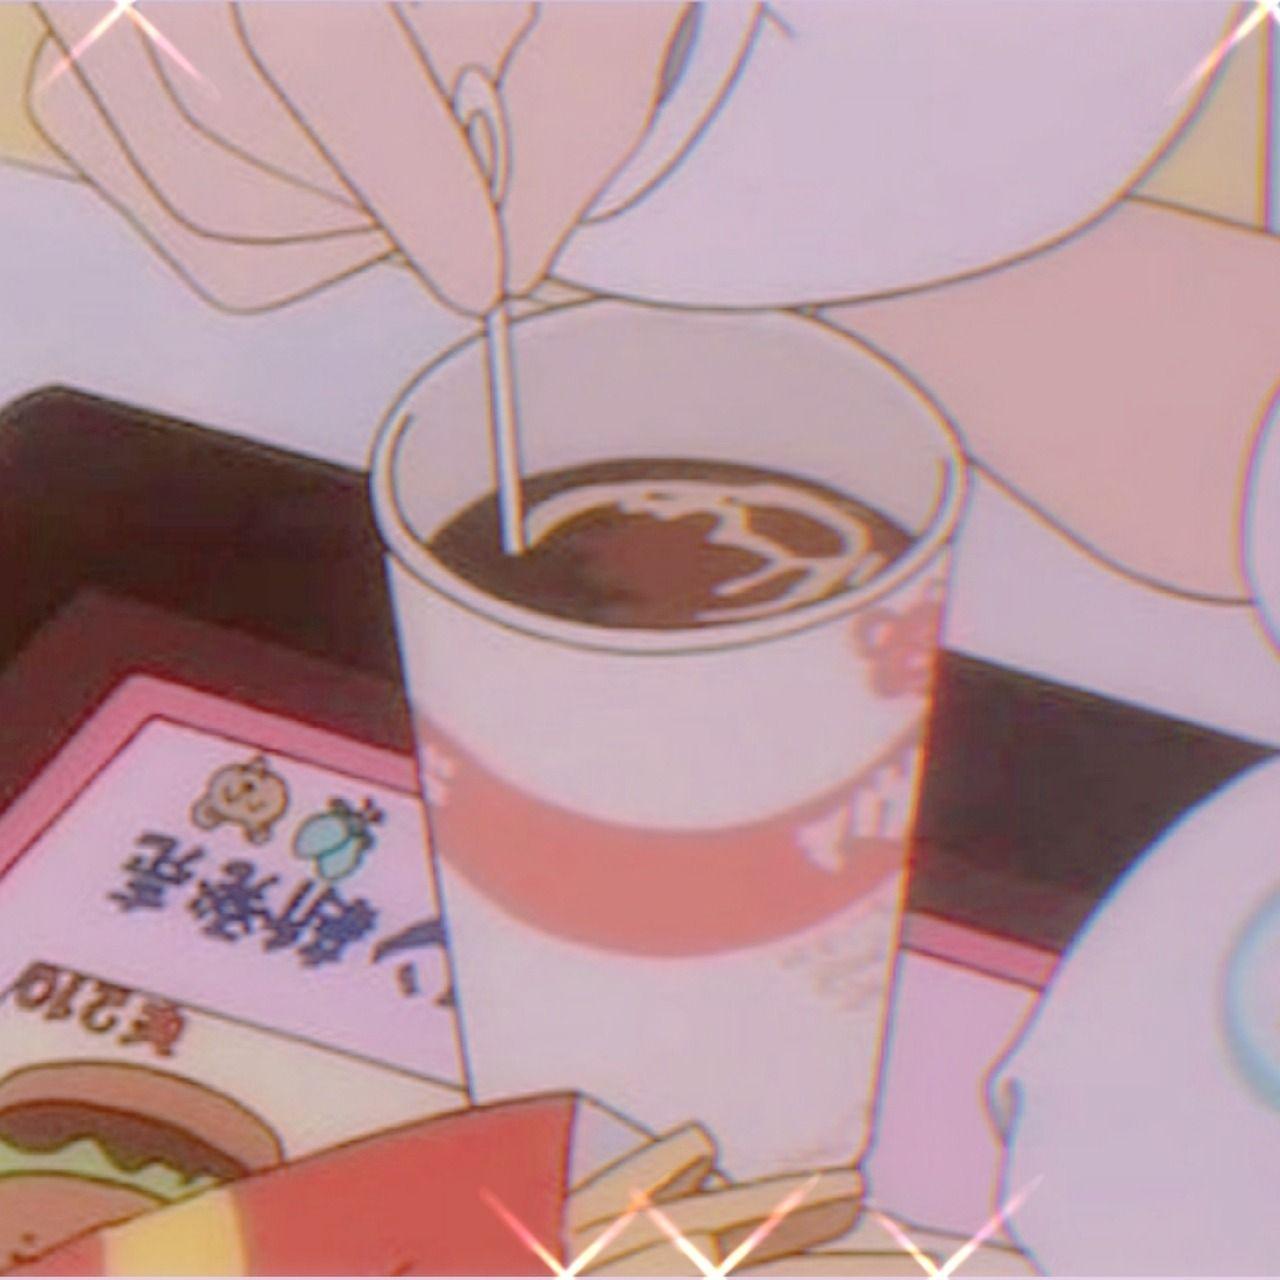 90s Anime Aesthetic Aesthetic Anime 90s Anime Anime Scenery Wallpaper